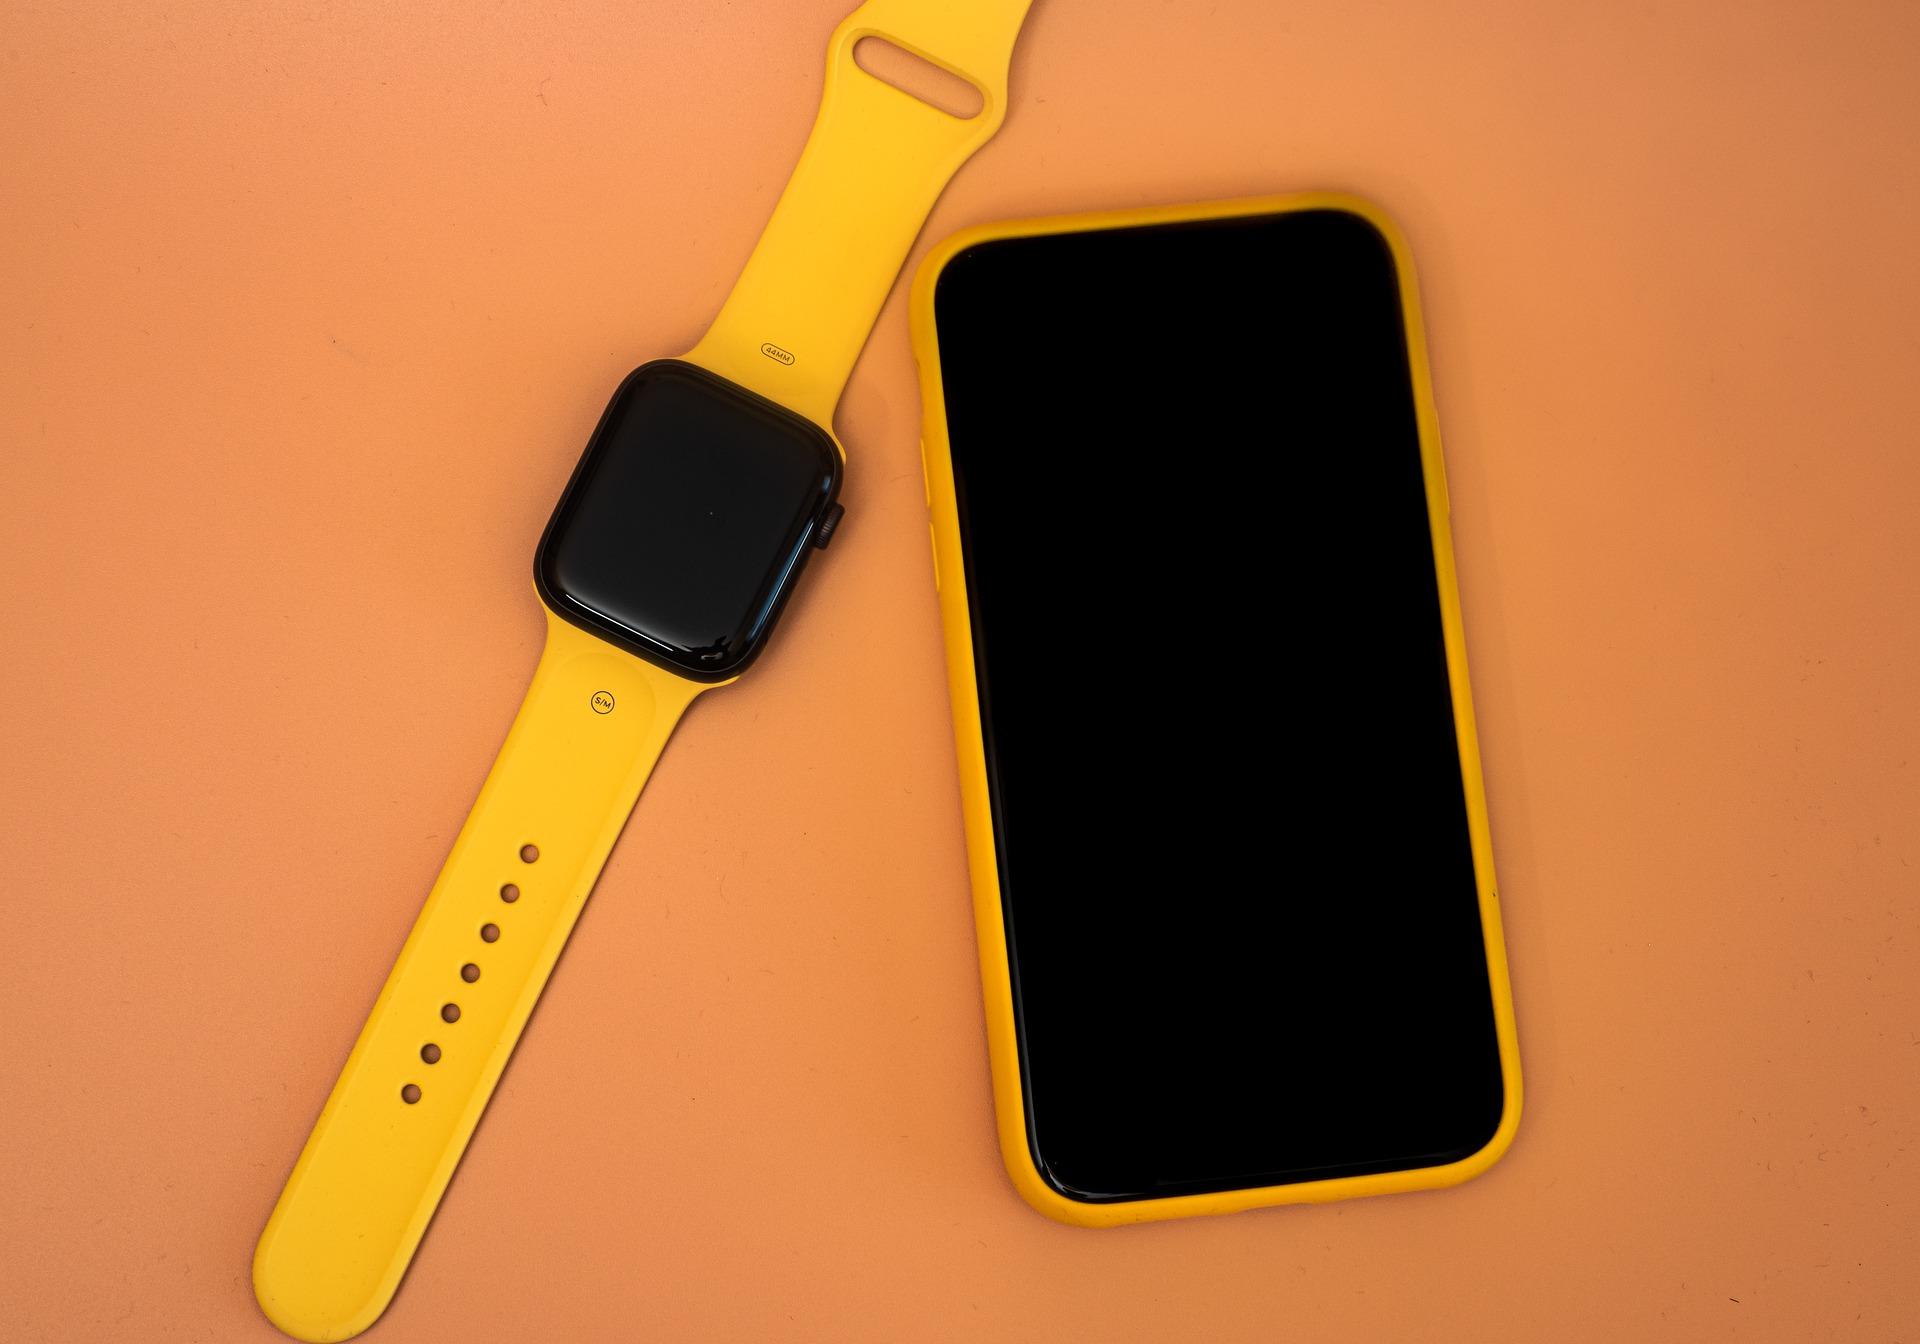 Jakie funkcje posiadają zegarki Apple Watch SE i Apple Watch S6?